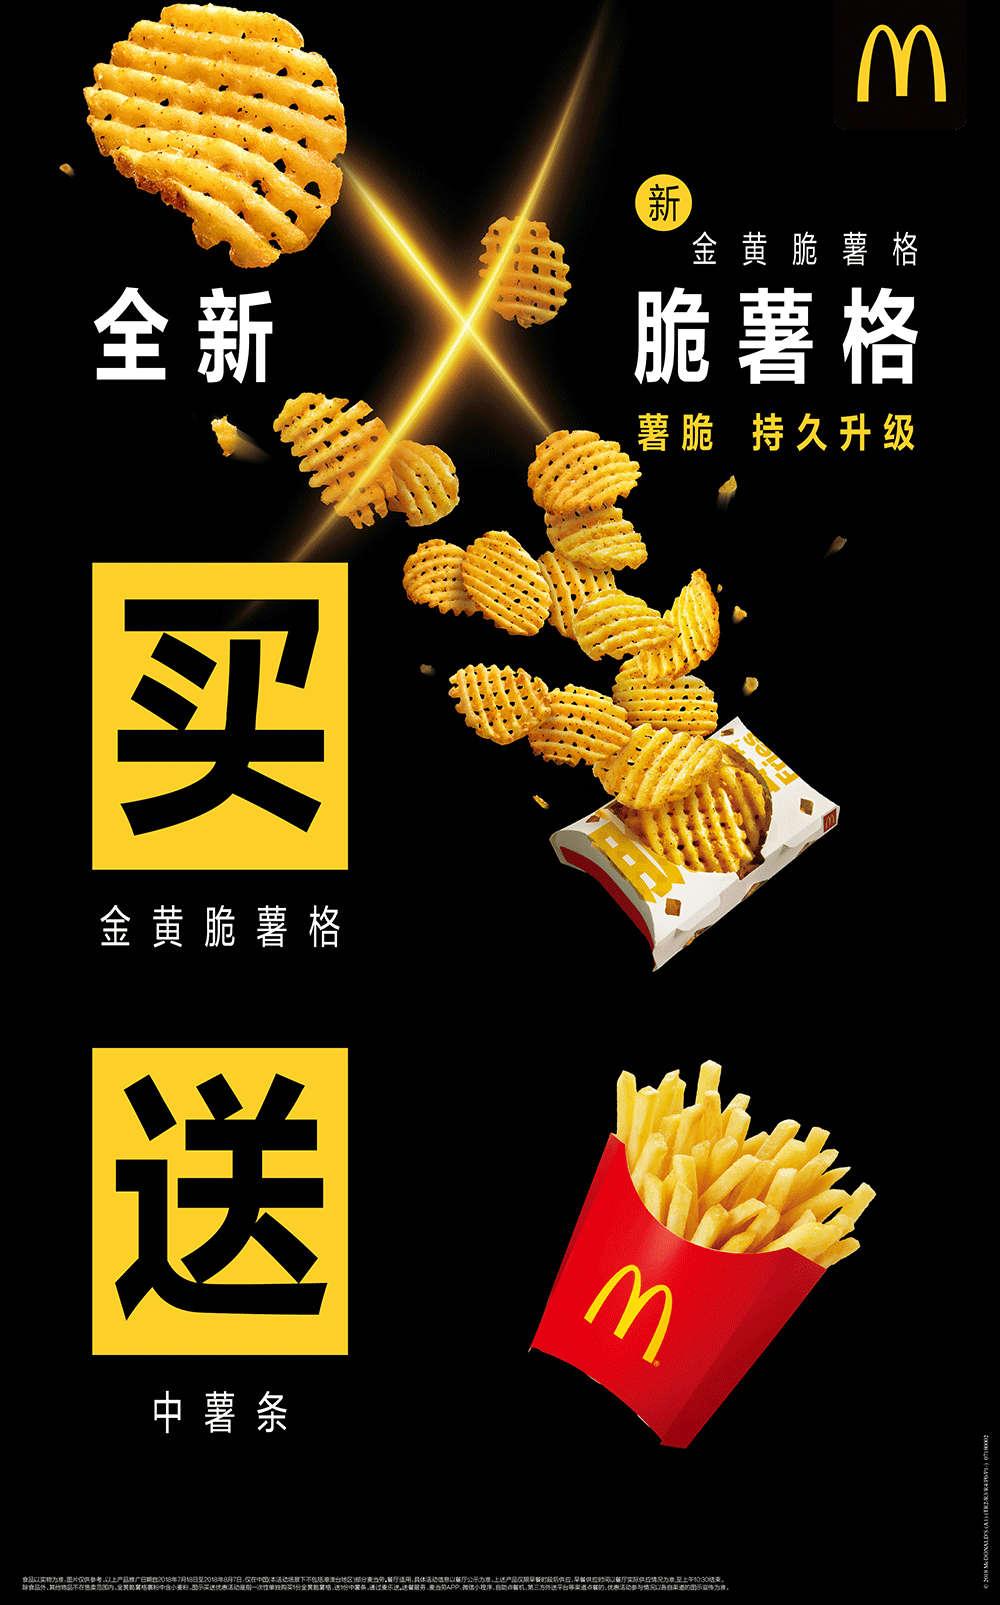 麦当劳全新金黄脆薯格,买就送中薯条